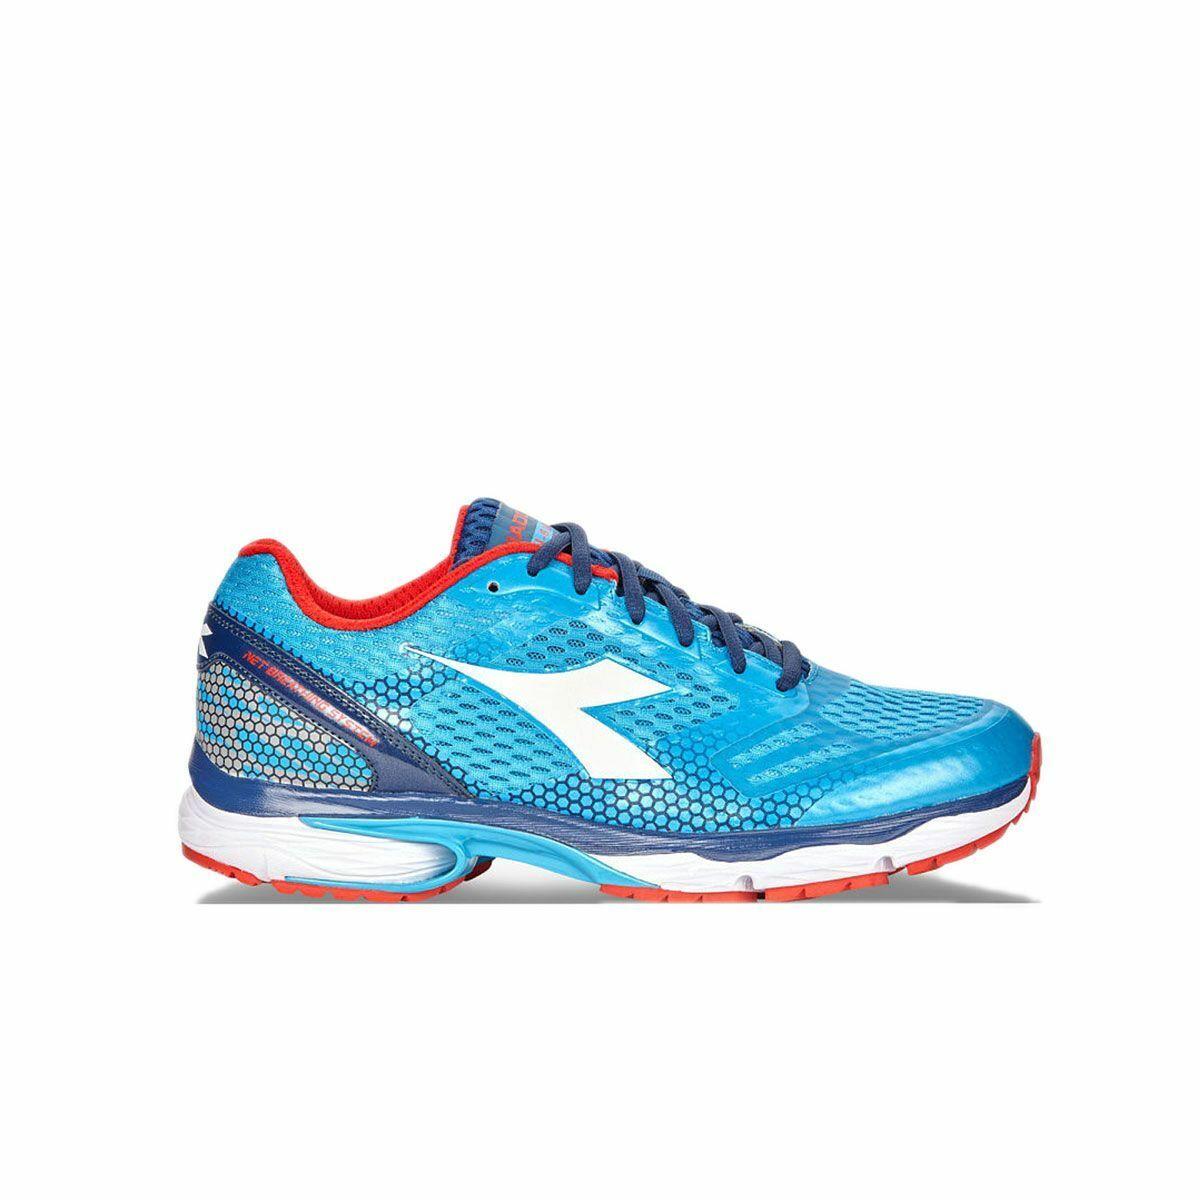 101.174371 PLAYGROUN DIADORA SPORTIVE UOMO | Shoes & Company